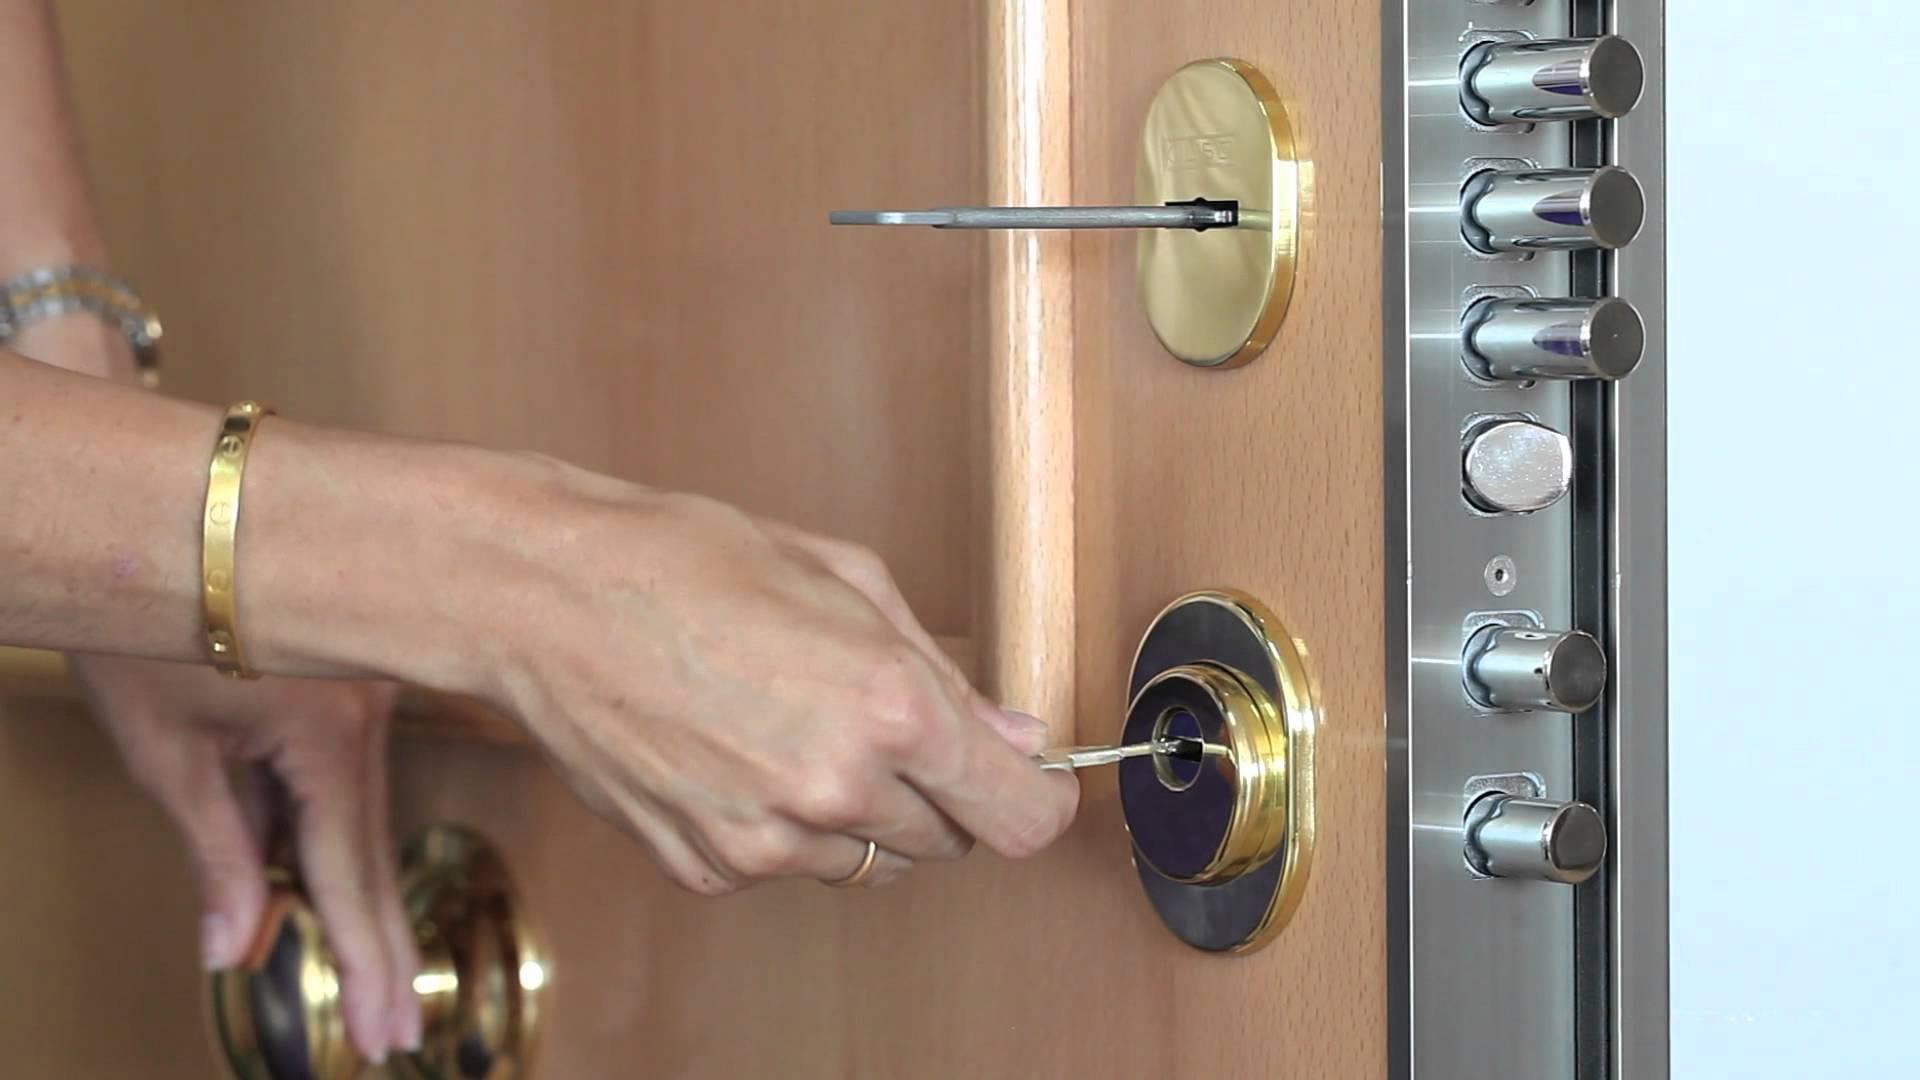 Cerrajero para abrir puerta blindada sin llave